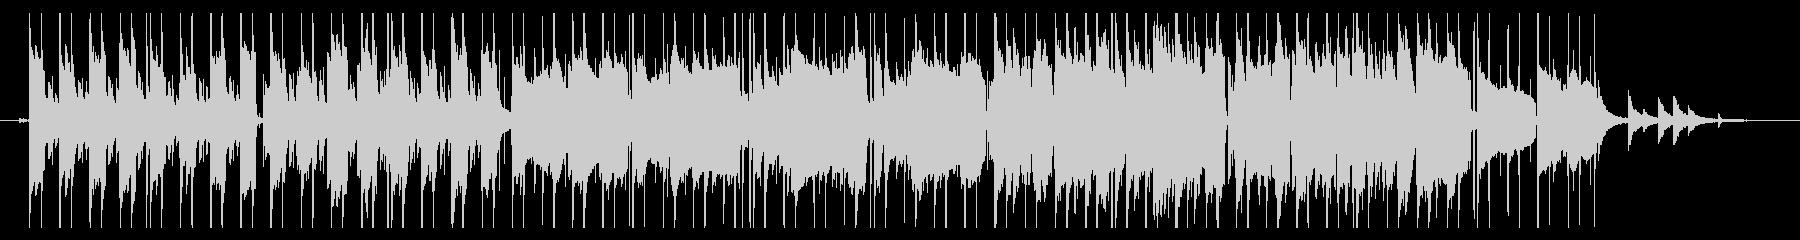 ローファイ&チル系 ピアノ曲 シンプルの未再生の波形